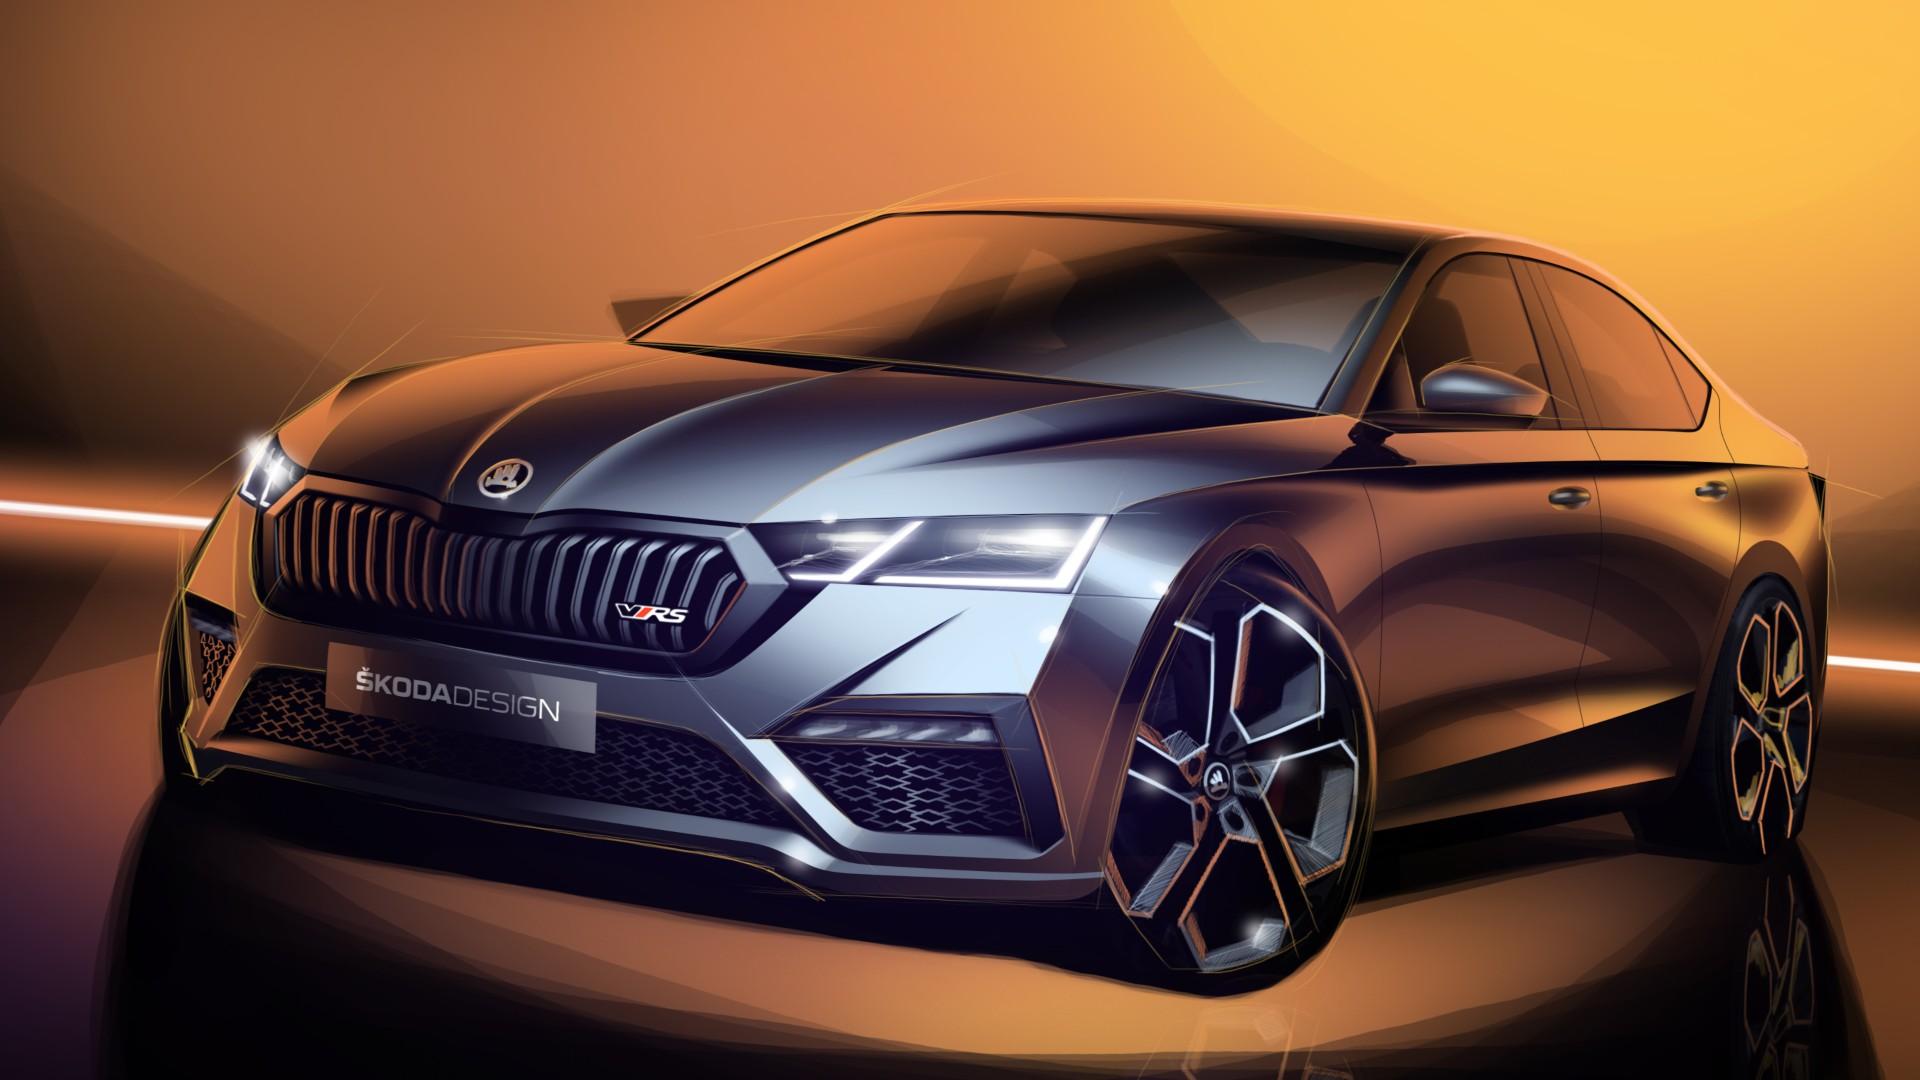 El Skoda Octavia RS iV se presentará en Ginebra